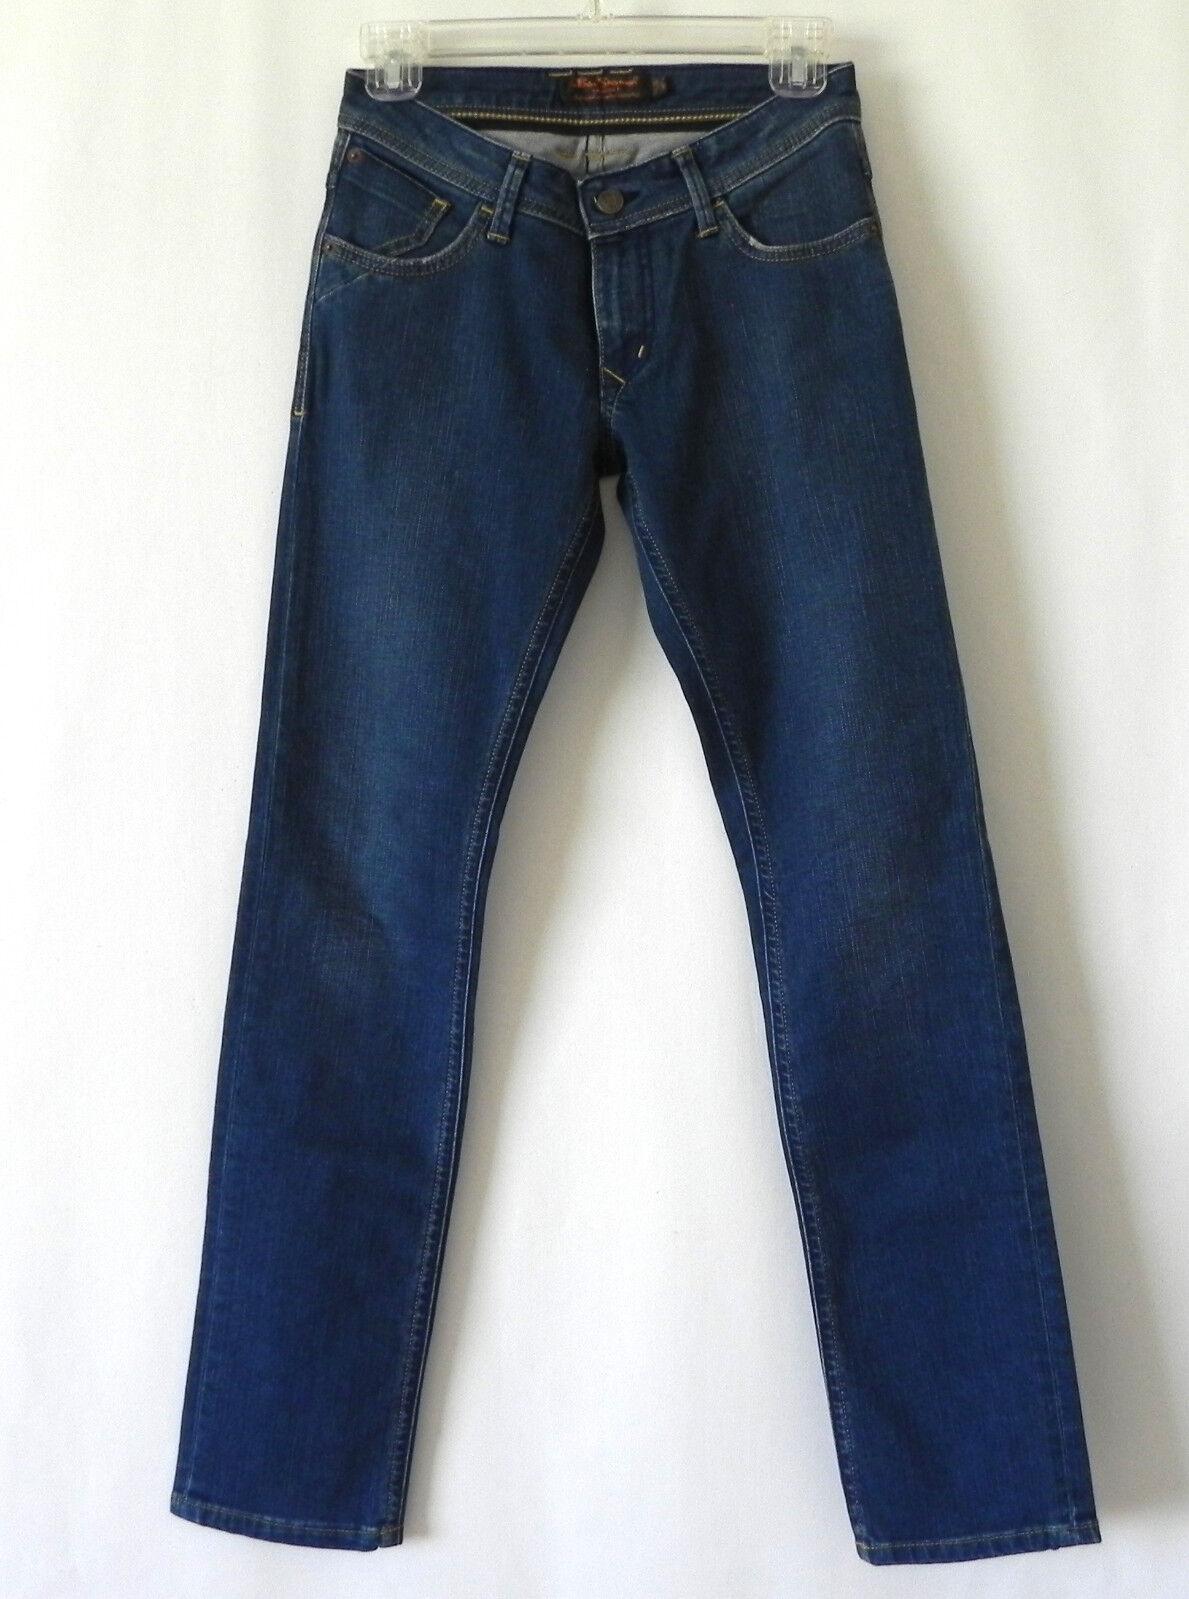 Ben Sherman Jean Pants Low Rise Skinnt Fit Size 25 30